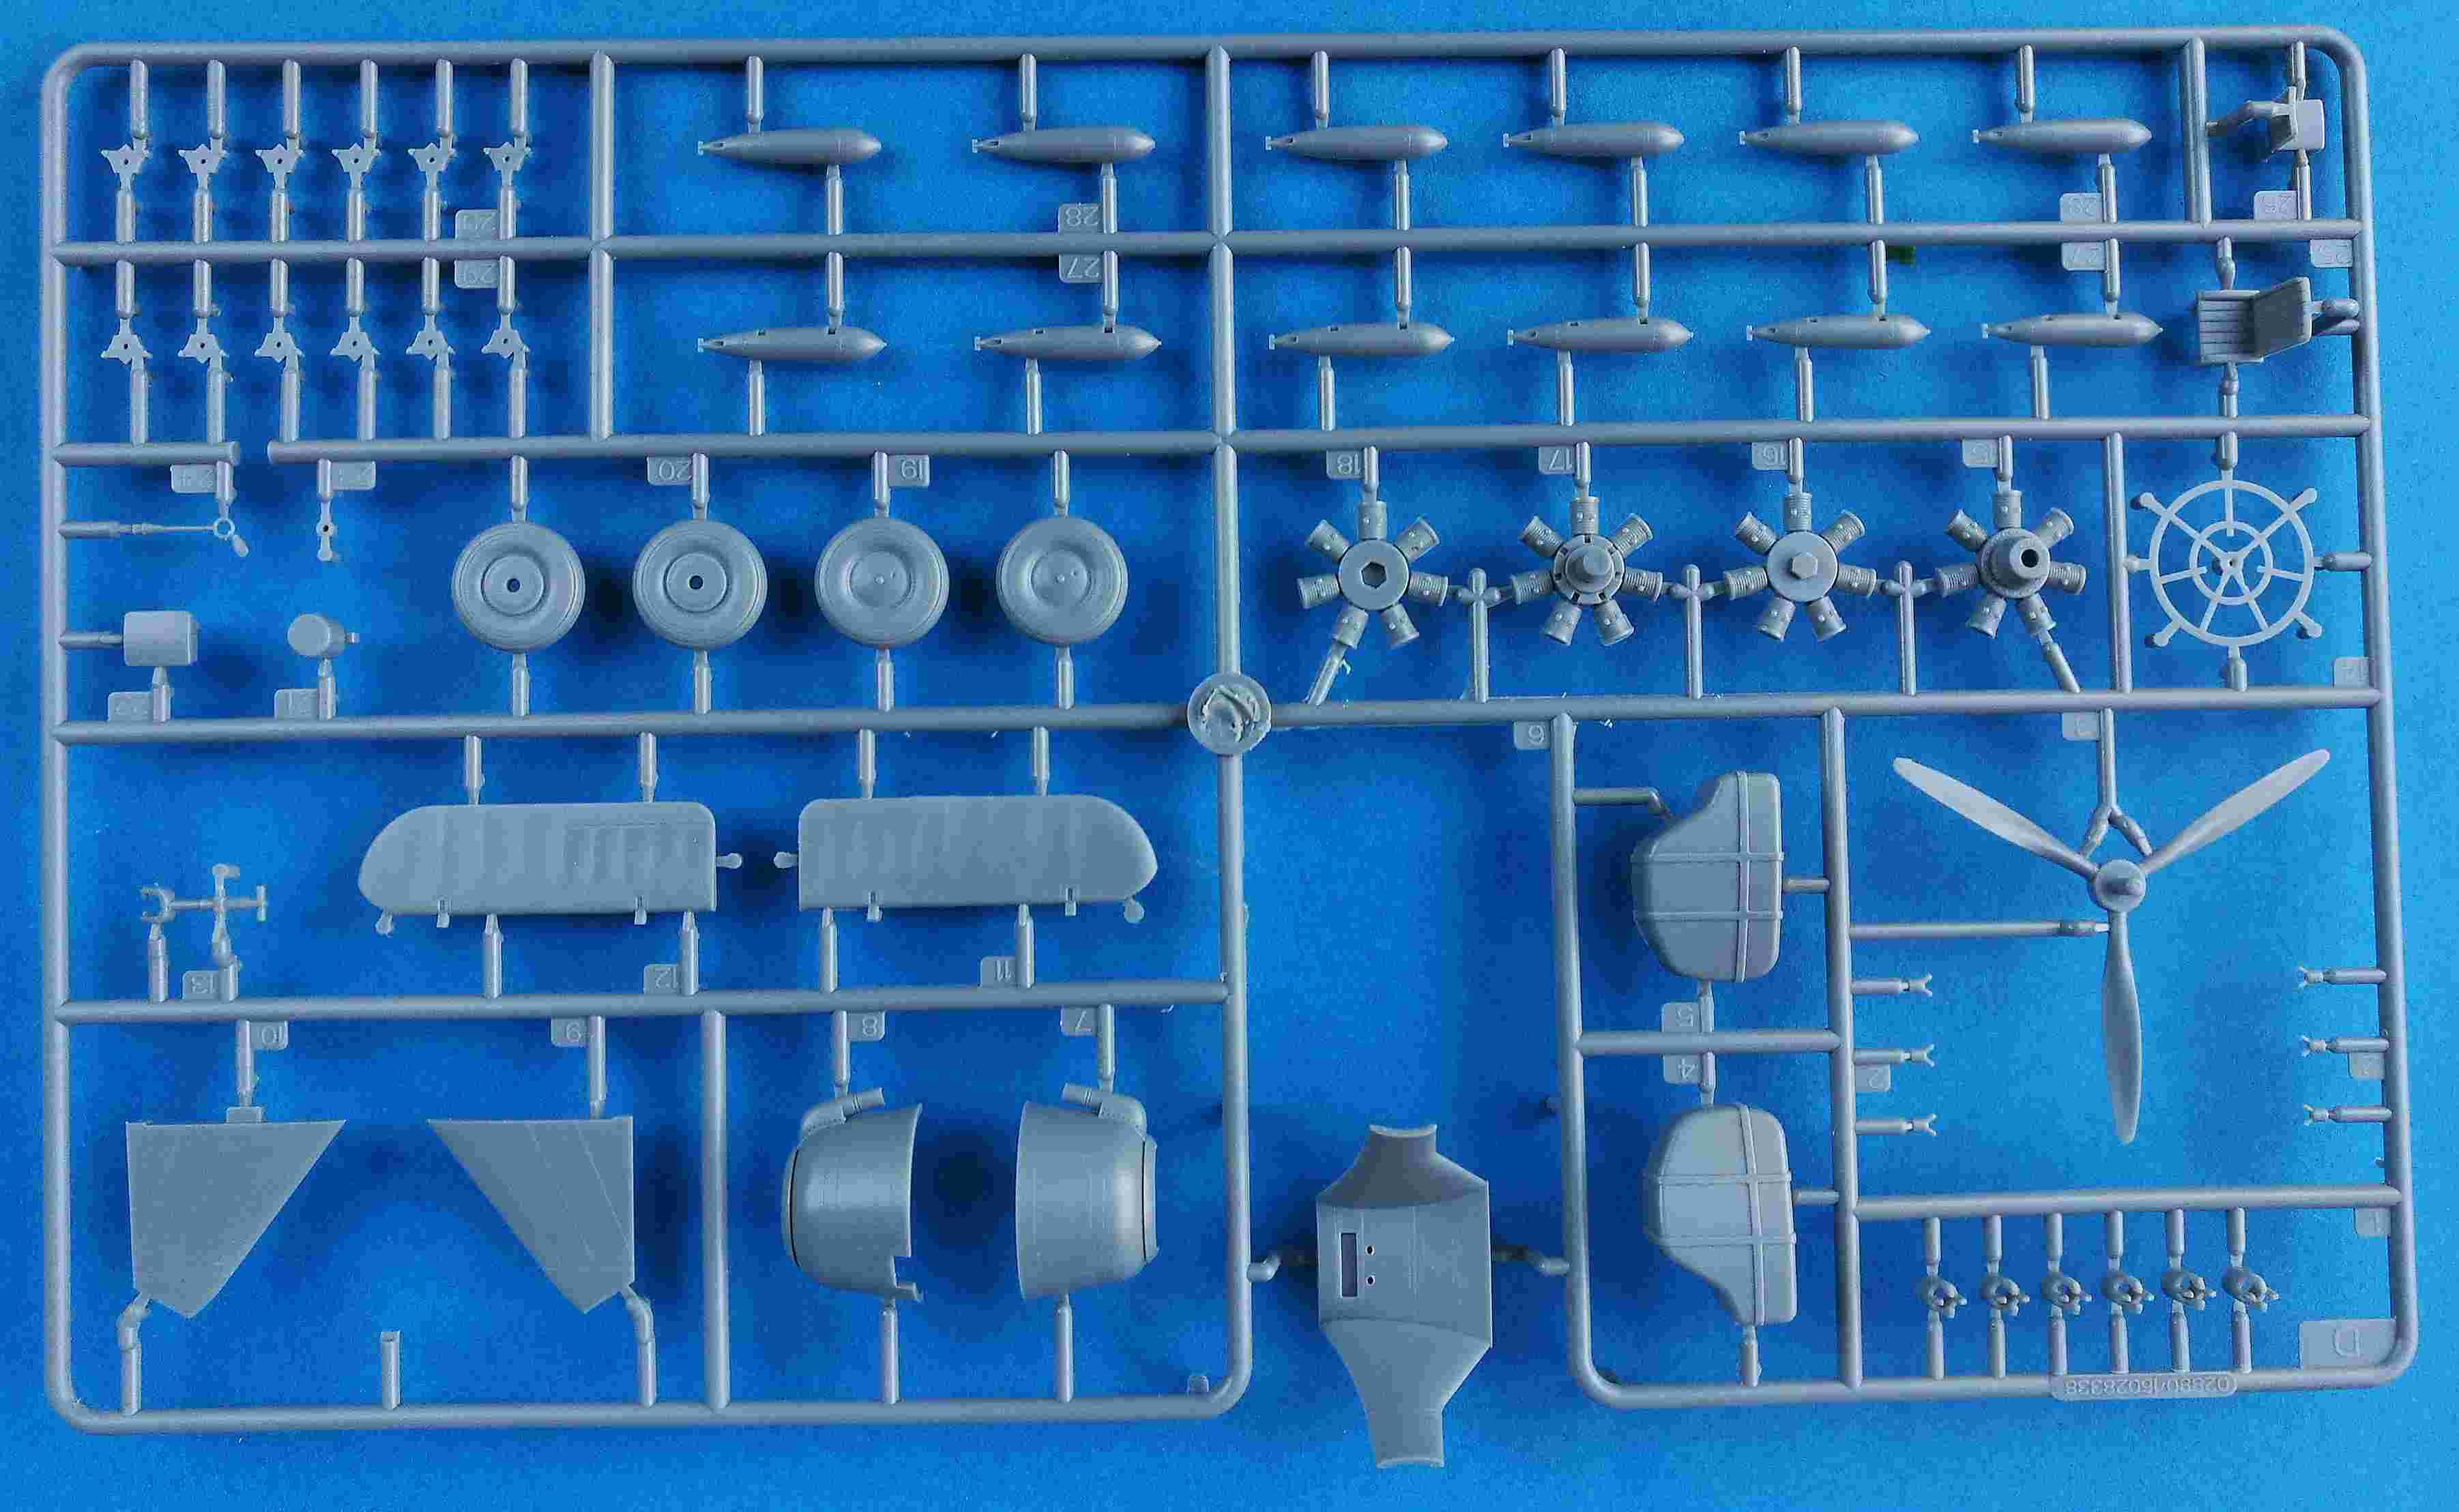 Trumpeter-02880-Fairey-Albacore-1 Fairey Albacore in 1:48  Trumpeter # 02880